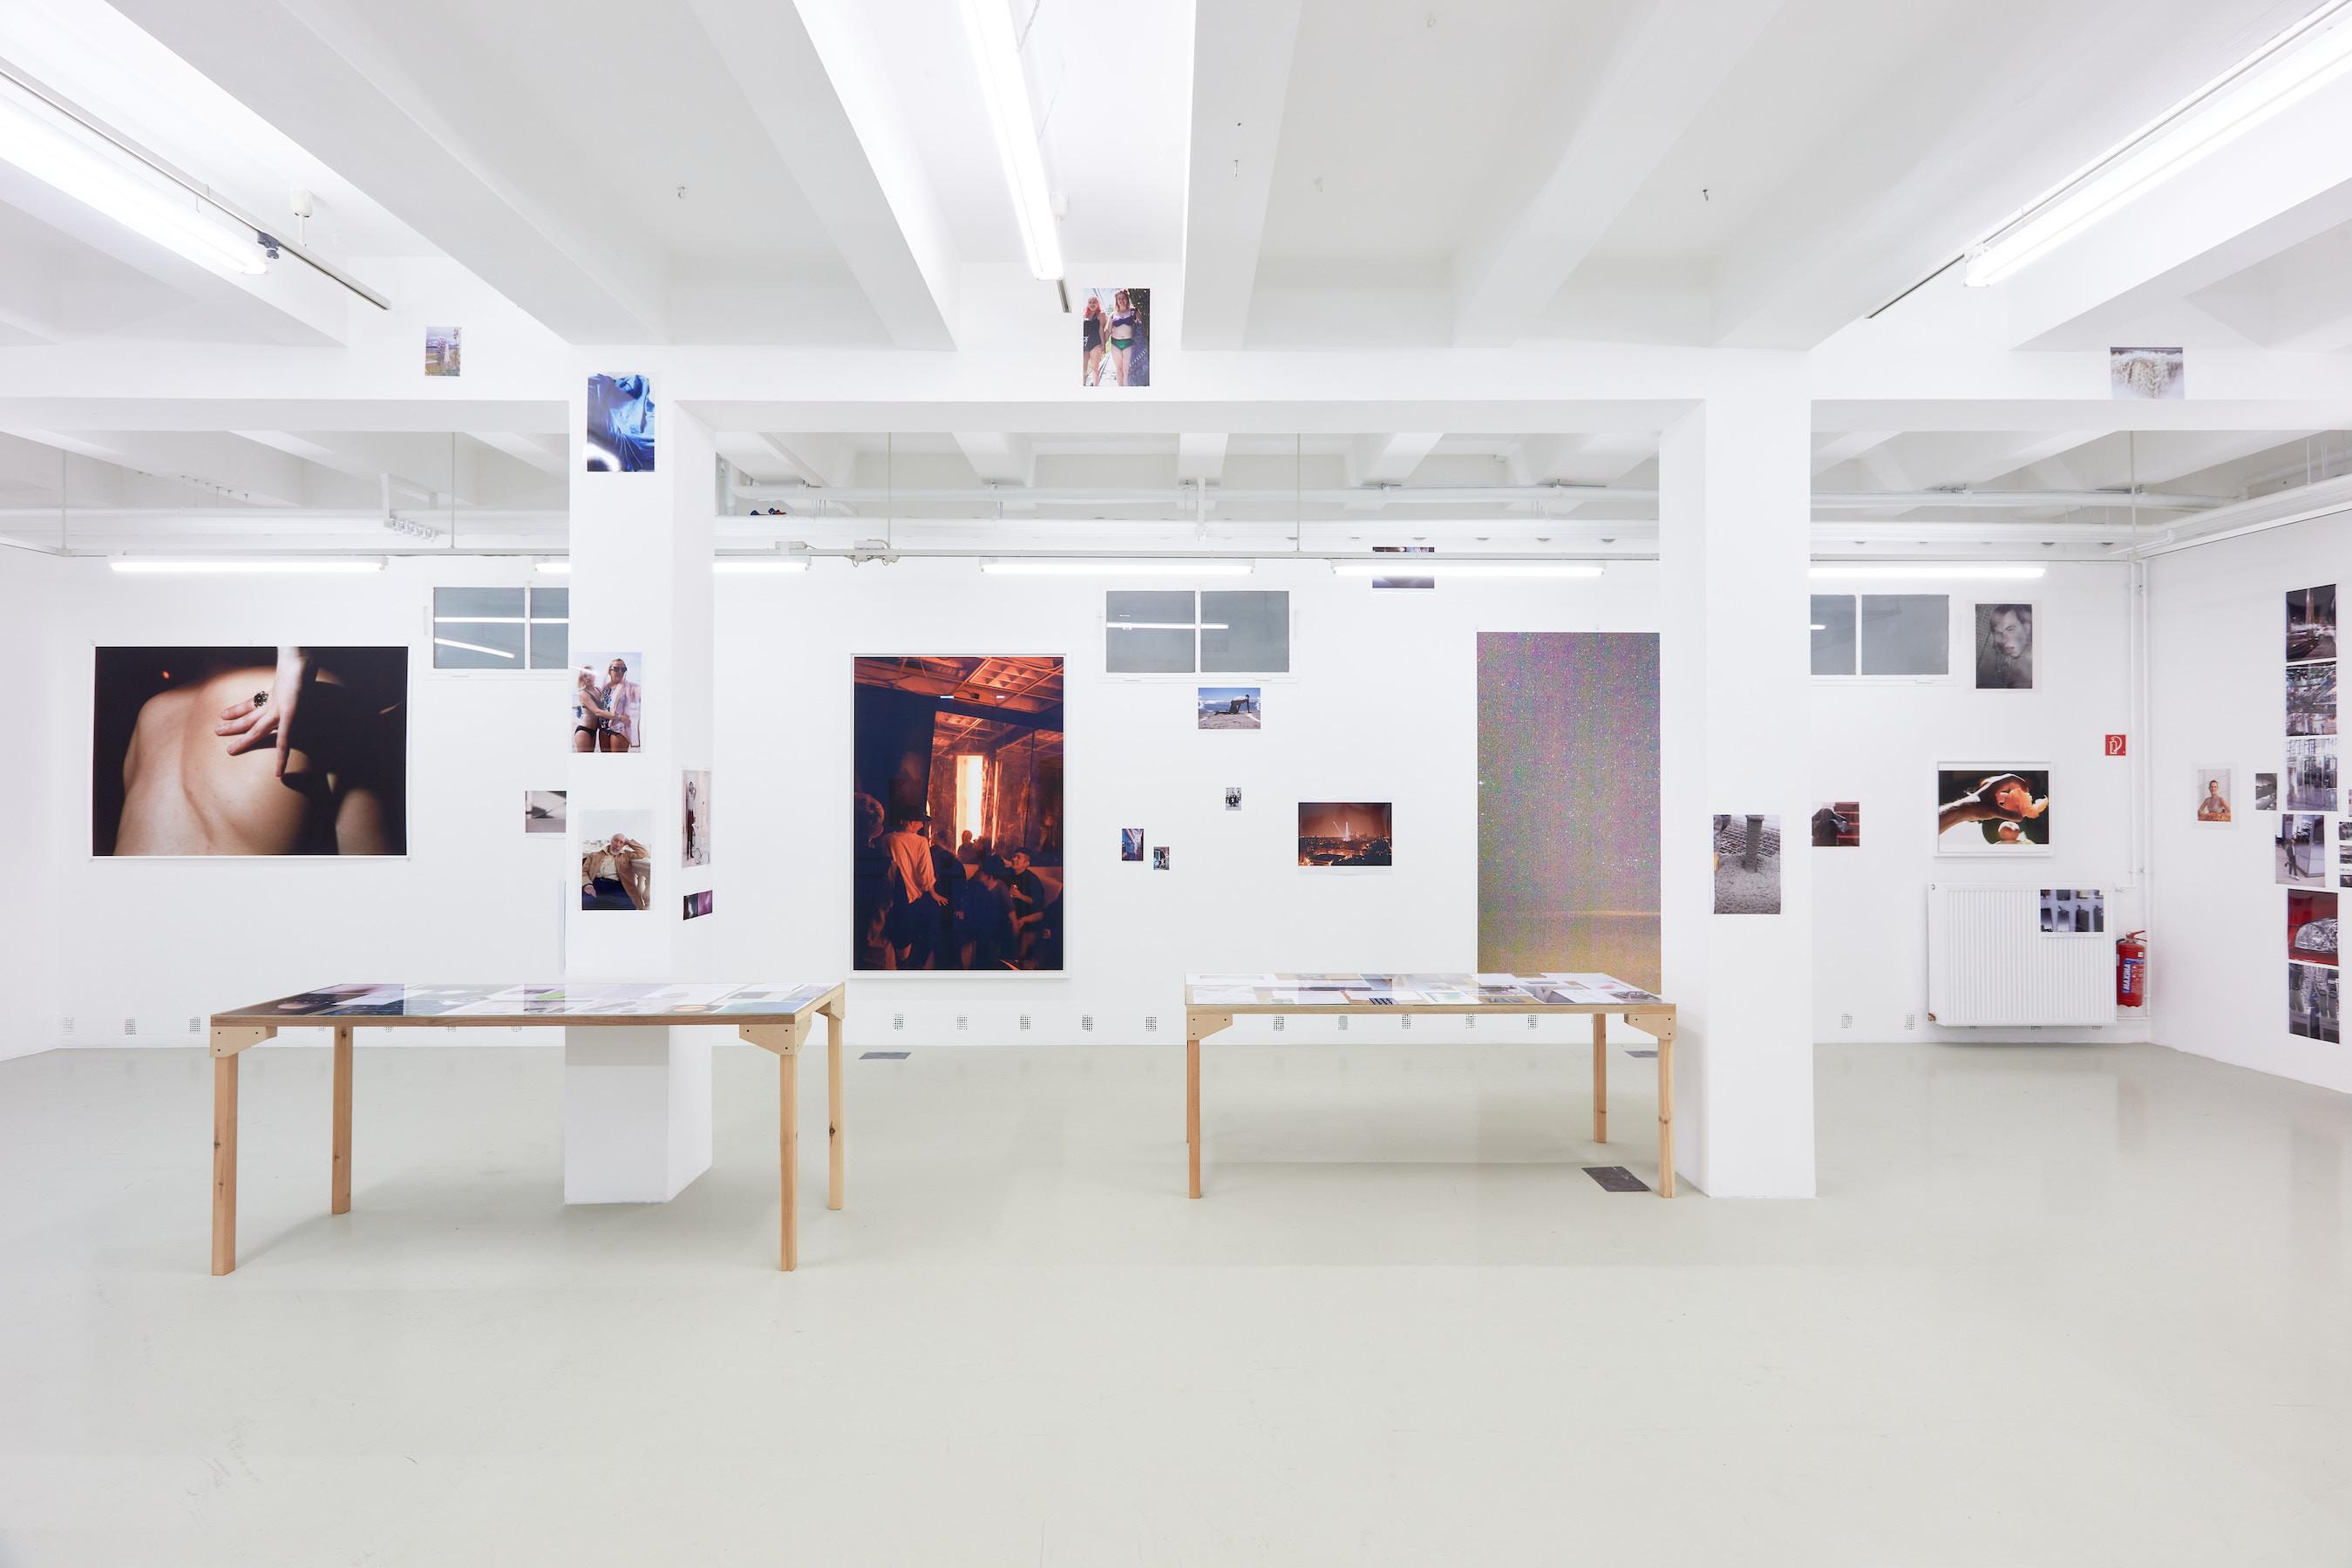 Wolfgang Tillmans: A te tested a tiéd. Kiállítási látkép, Trafó G aléria, 2021. Fotó: Biró Dávid